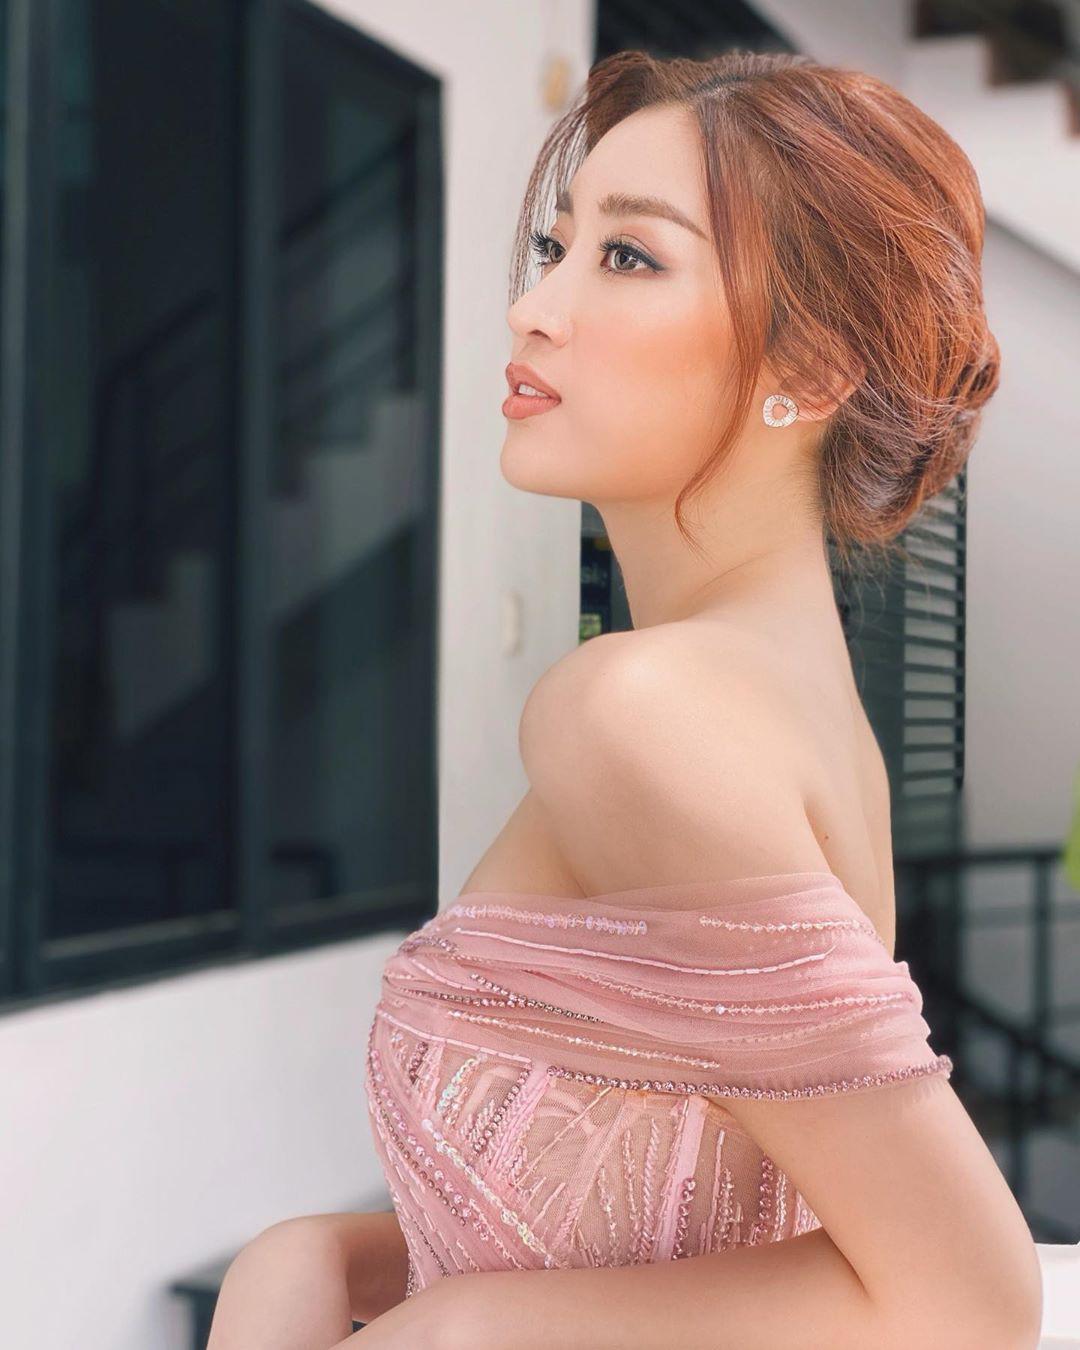 Minh Tú khoe eo 'con kiến' cực sexy, Hoàng Thùy nóng bỏng không kém với bikini họa tiết Ảnh 7